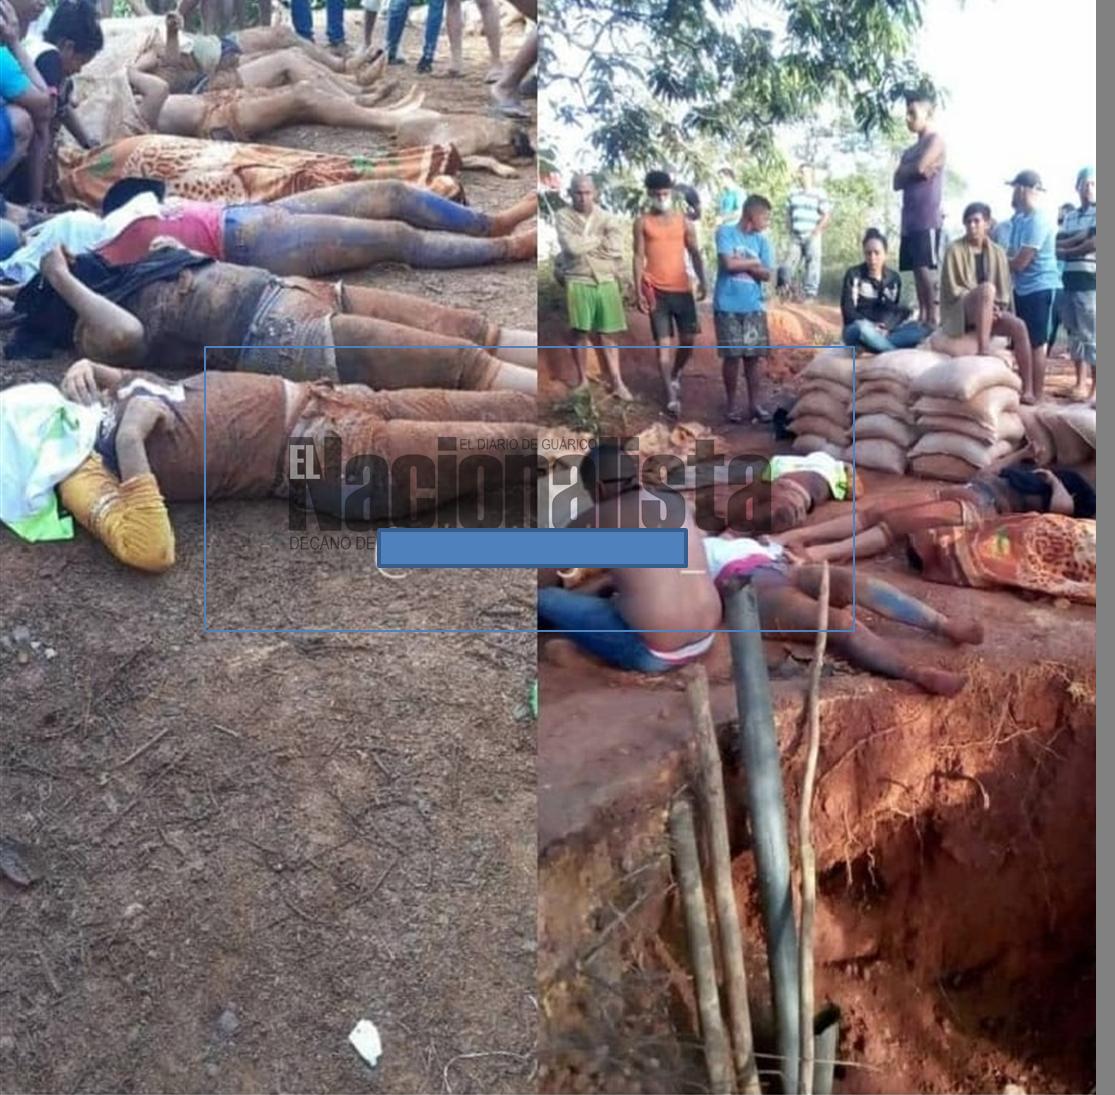 derrumbe deja 7 fallecidos tapeados en Nacupay el Callao